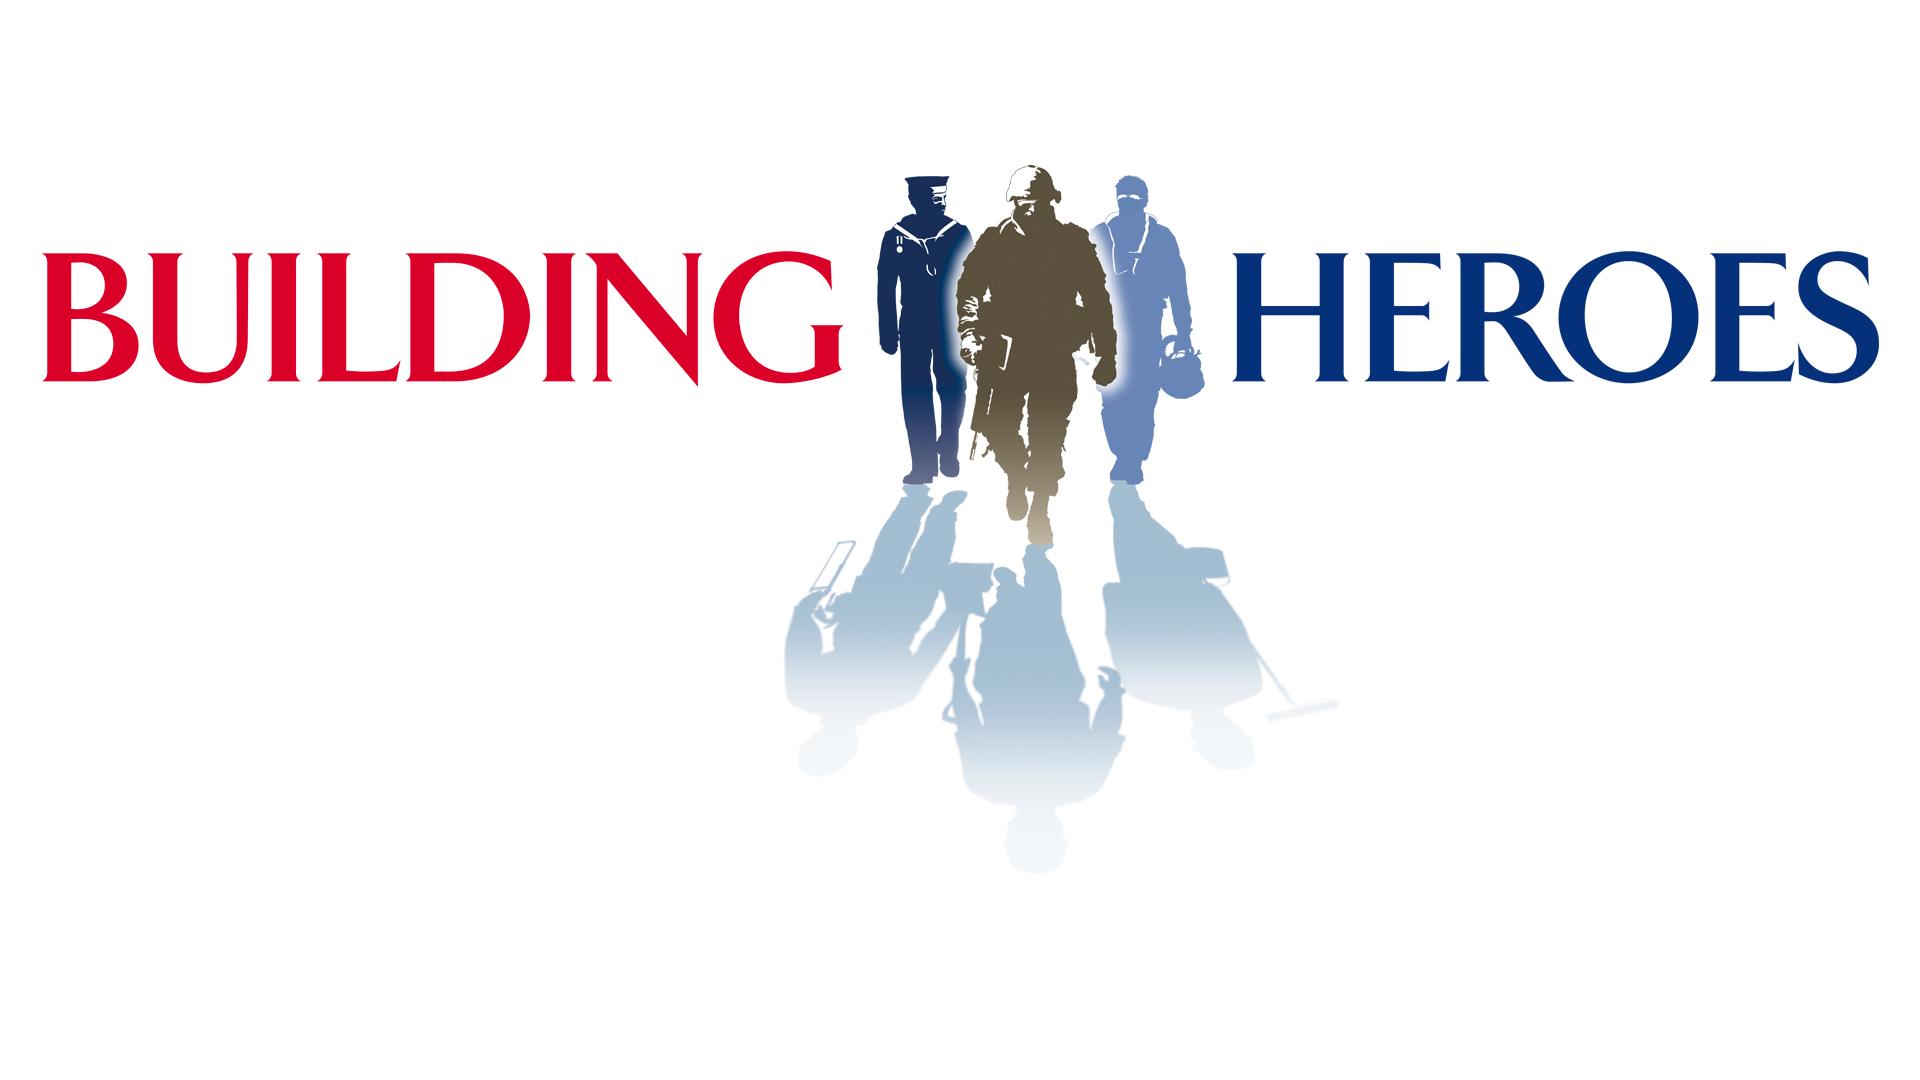 Building-Heros-Image